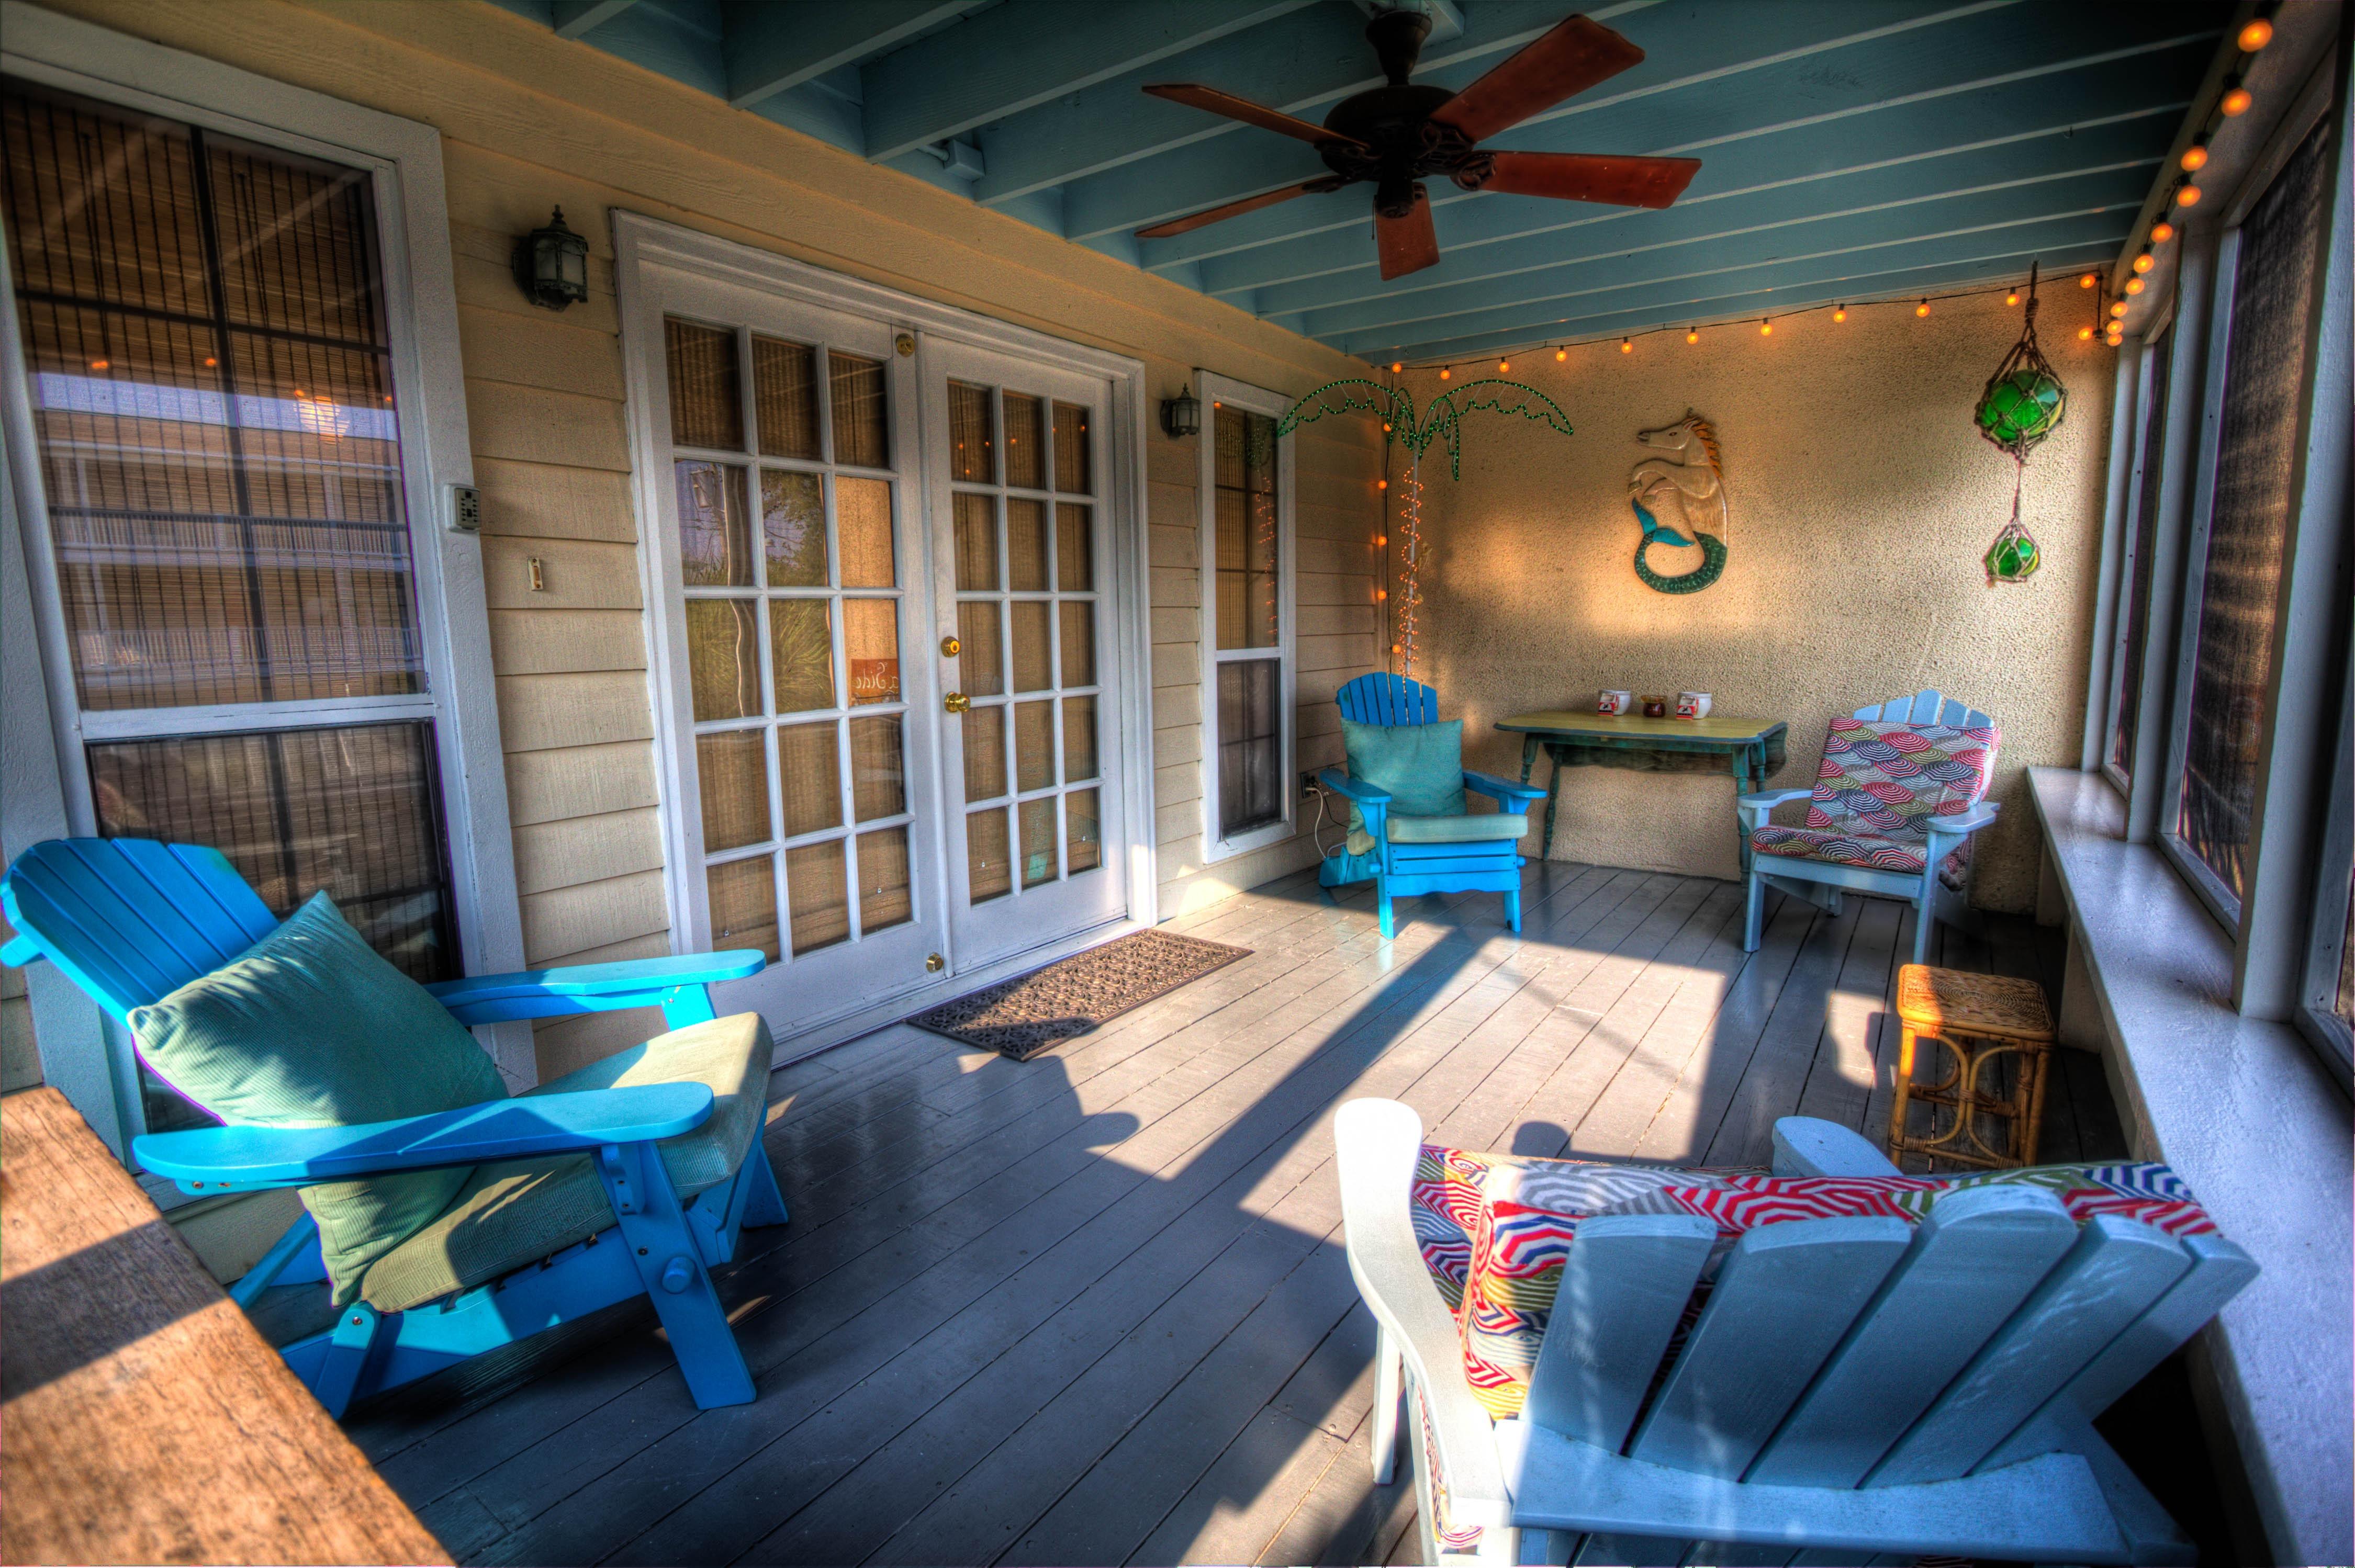 Fotos gratis villa casa asientos edificio porche caba a patio interior propiedad sala - Ley propiedad horizontal patio interior ...